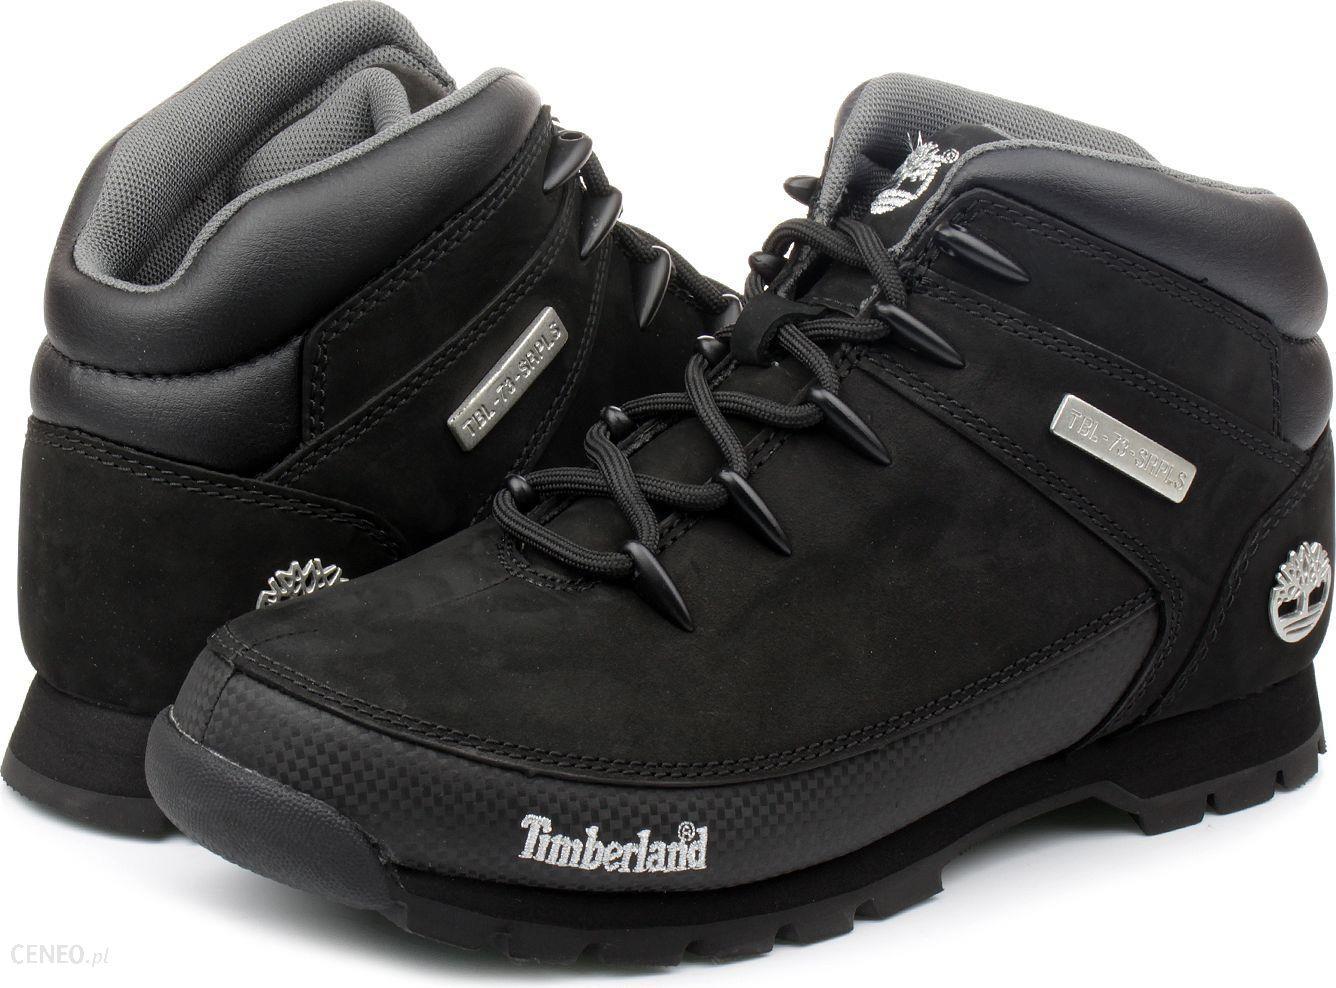 Timberland Buty męskie Euro Sprint Hiker czarne r. 44 (6361R) Ceny i opinie Ceneo.pl